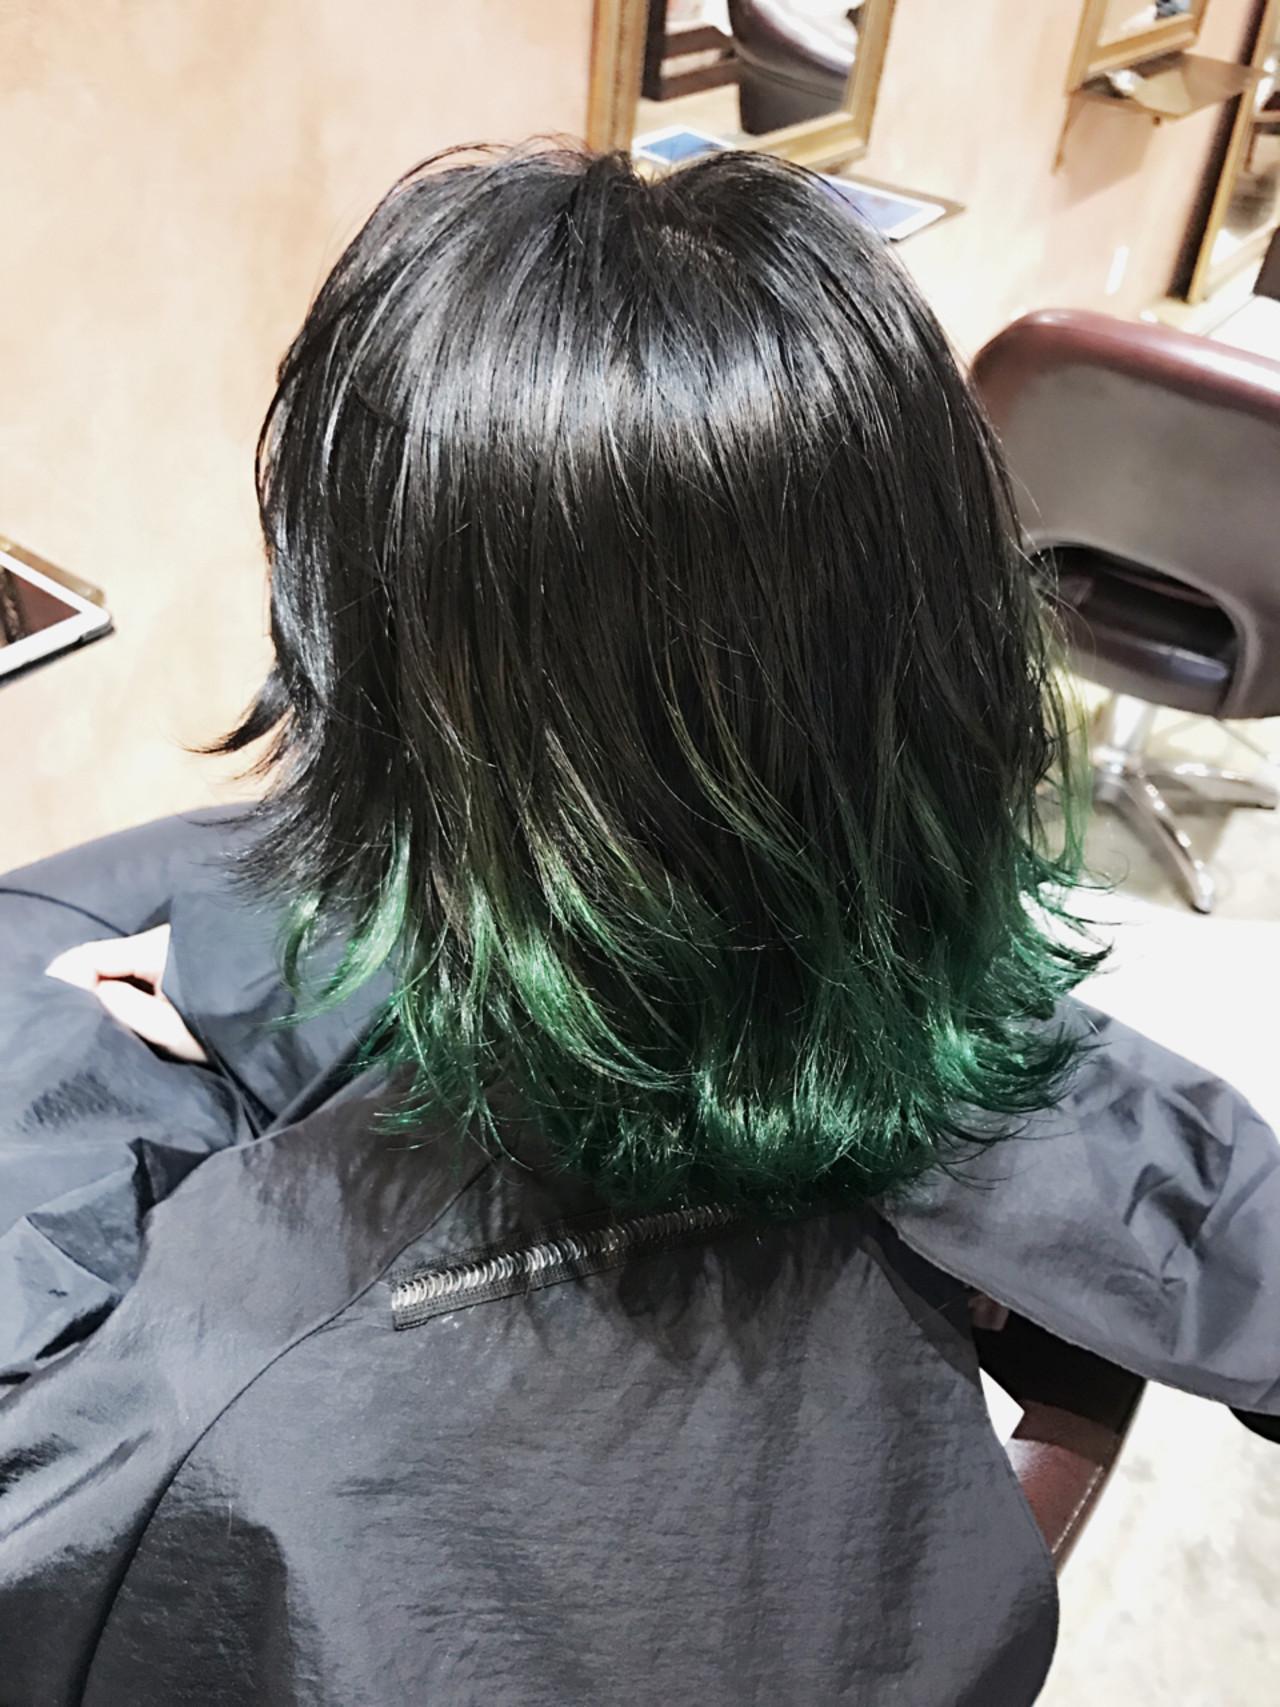 グラデーションカラー ストリート 暗髪 グリーン ヘアスタイルや髪型の写真・画像